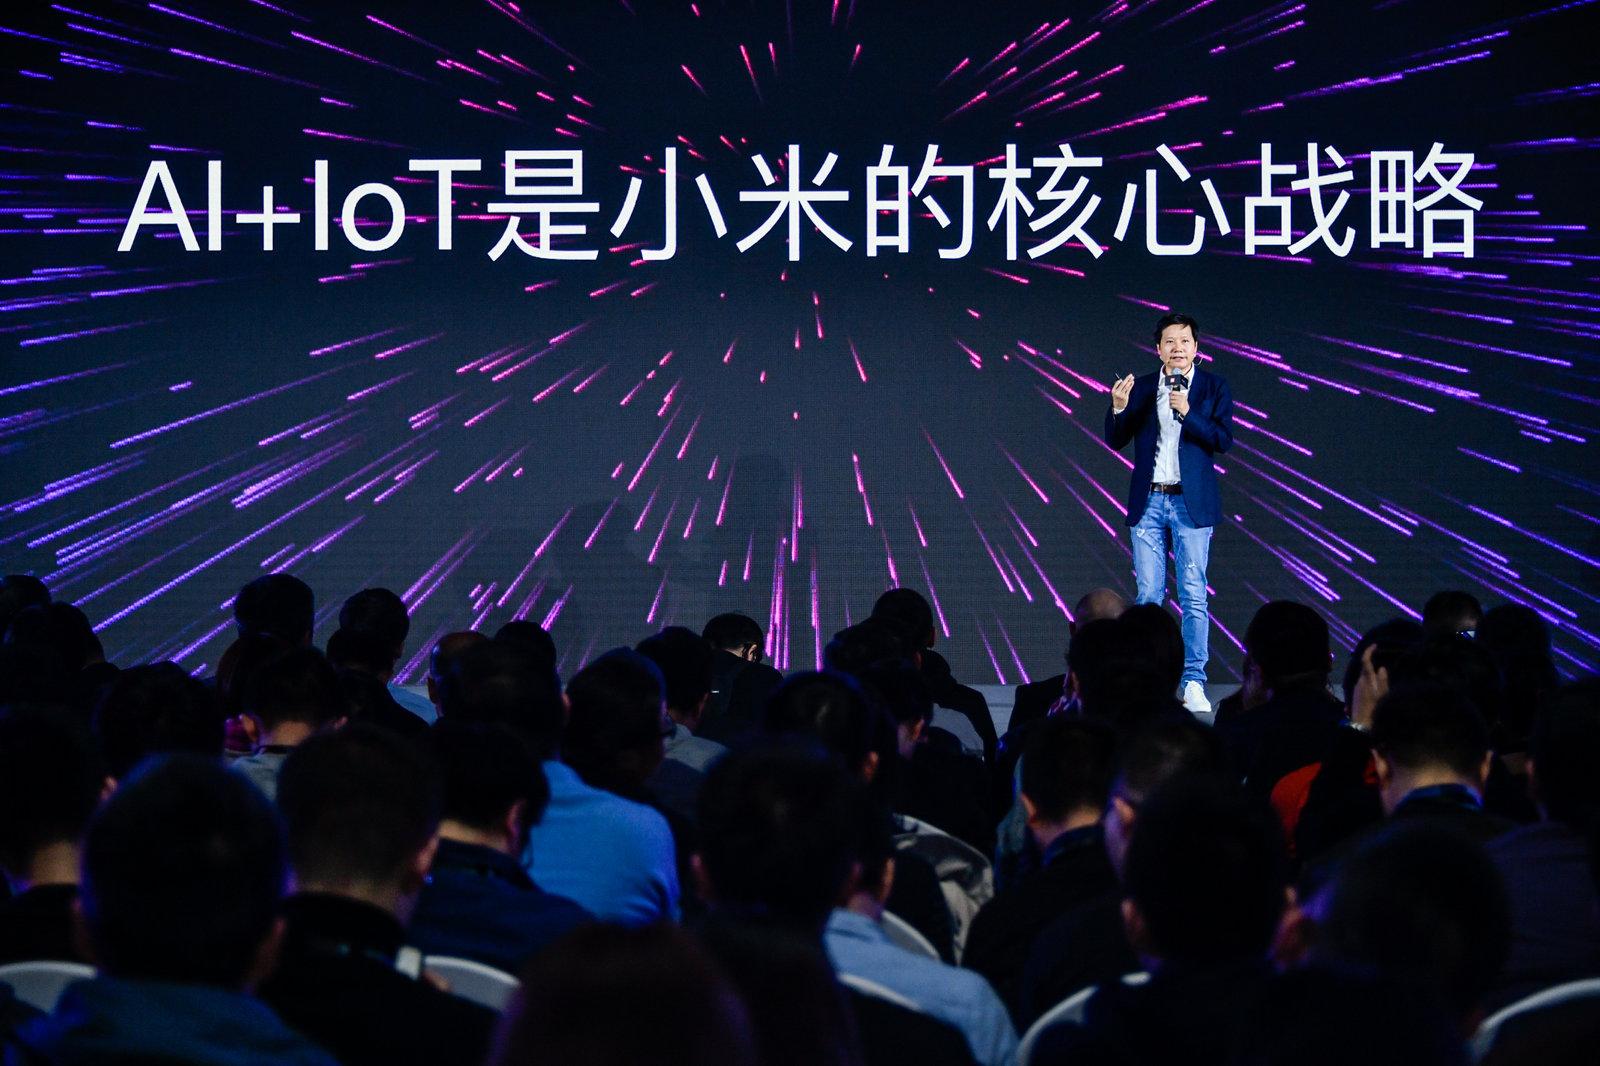 小米牵手宜家:12月起宜家全系照明产品将接入小米平台